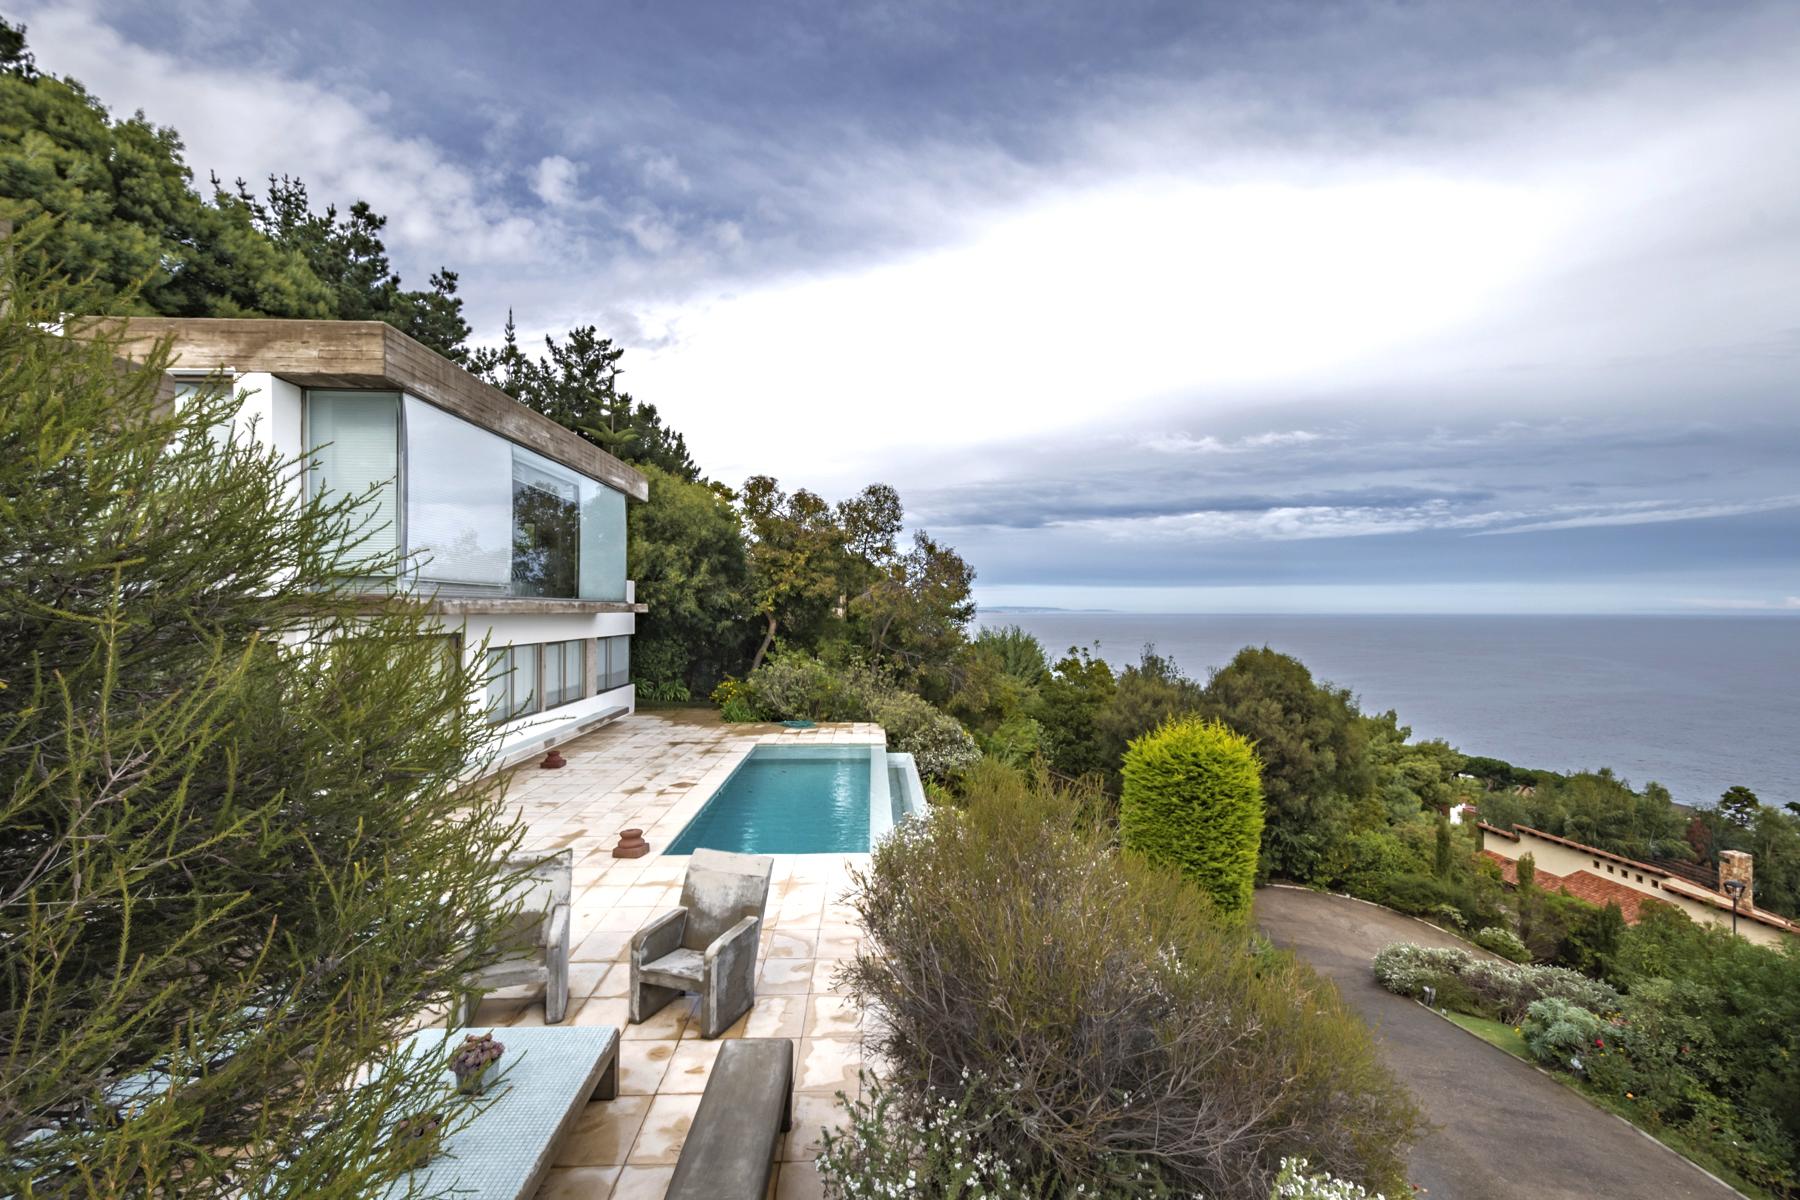 Casa por un Venta en Espectacular casa en Zapallar zona Mar Bravo con excelente vista al mar Chile